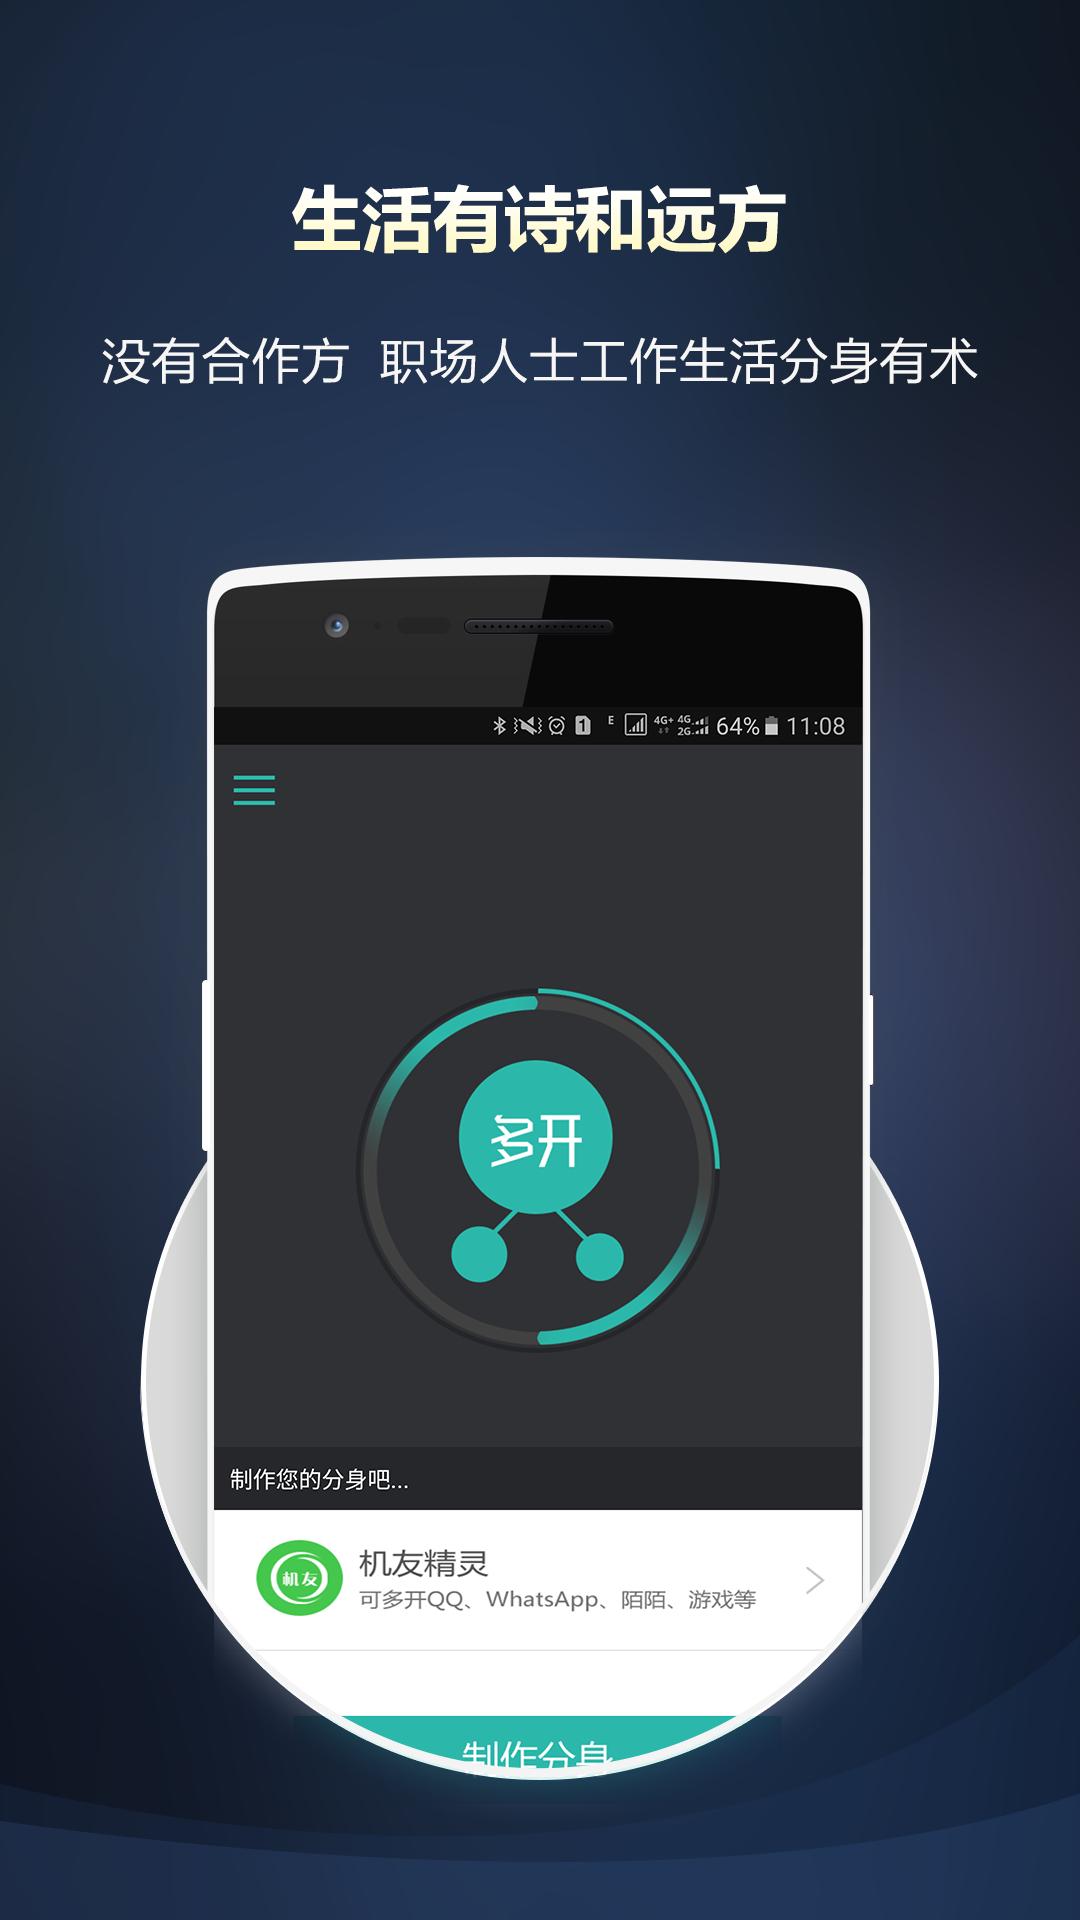 微信多开宝 V2.7.4 安卓版截图2